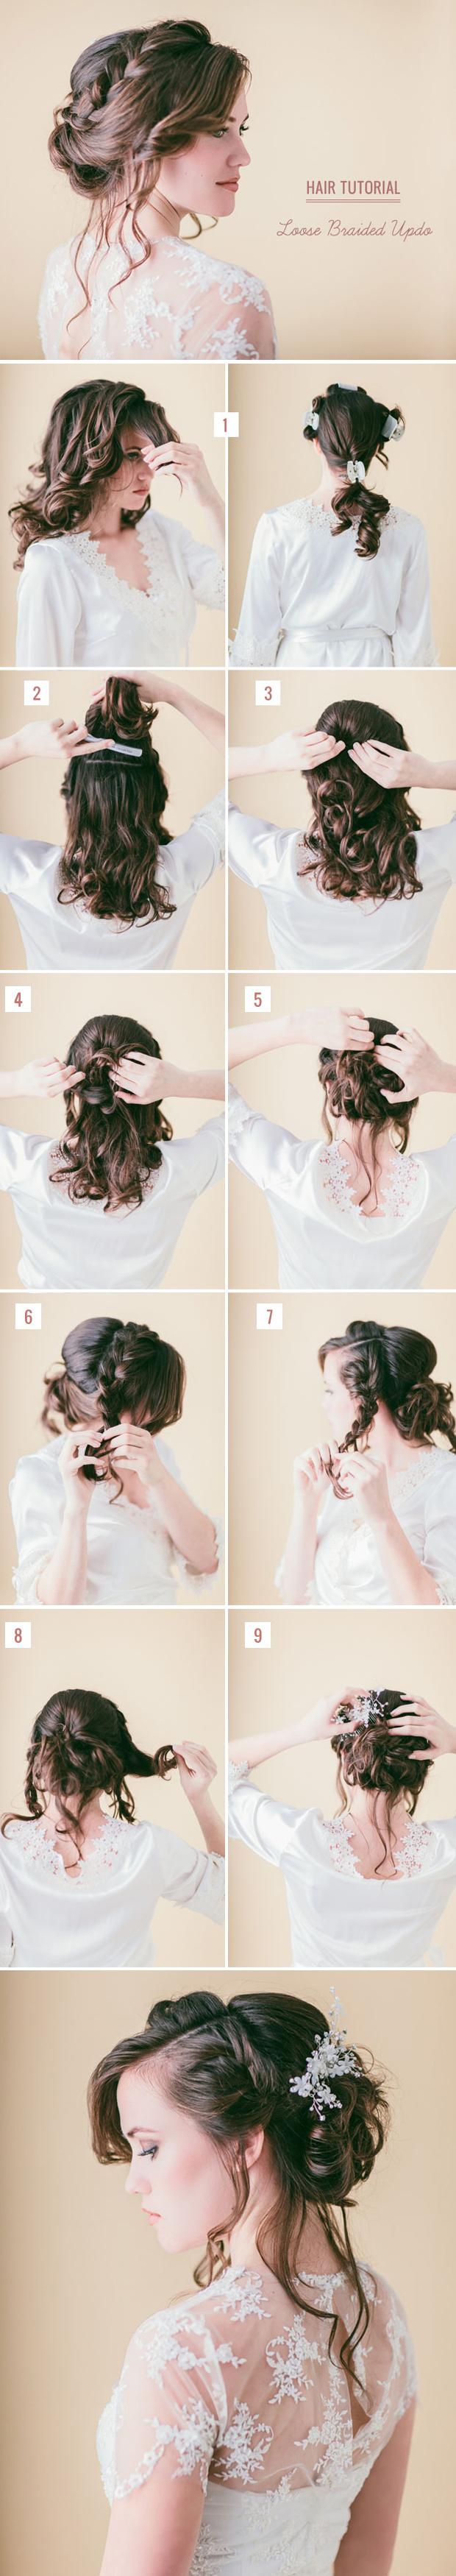 10 best diy wedding hairstyles with tutorials – foliver blog